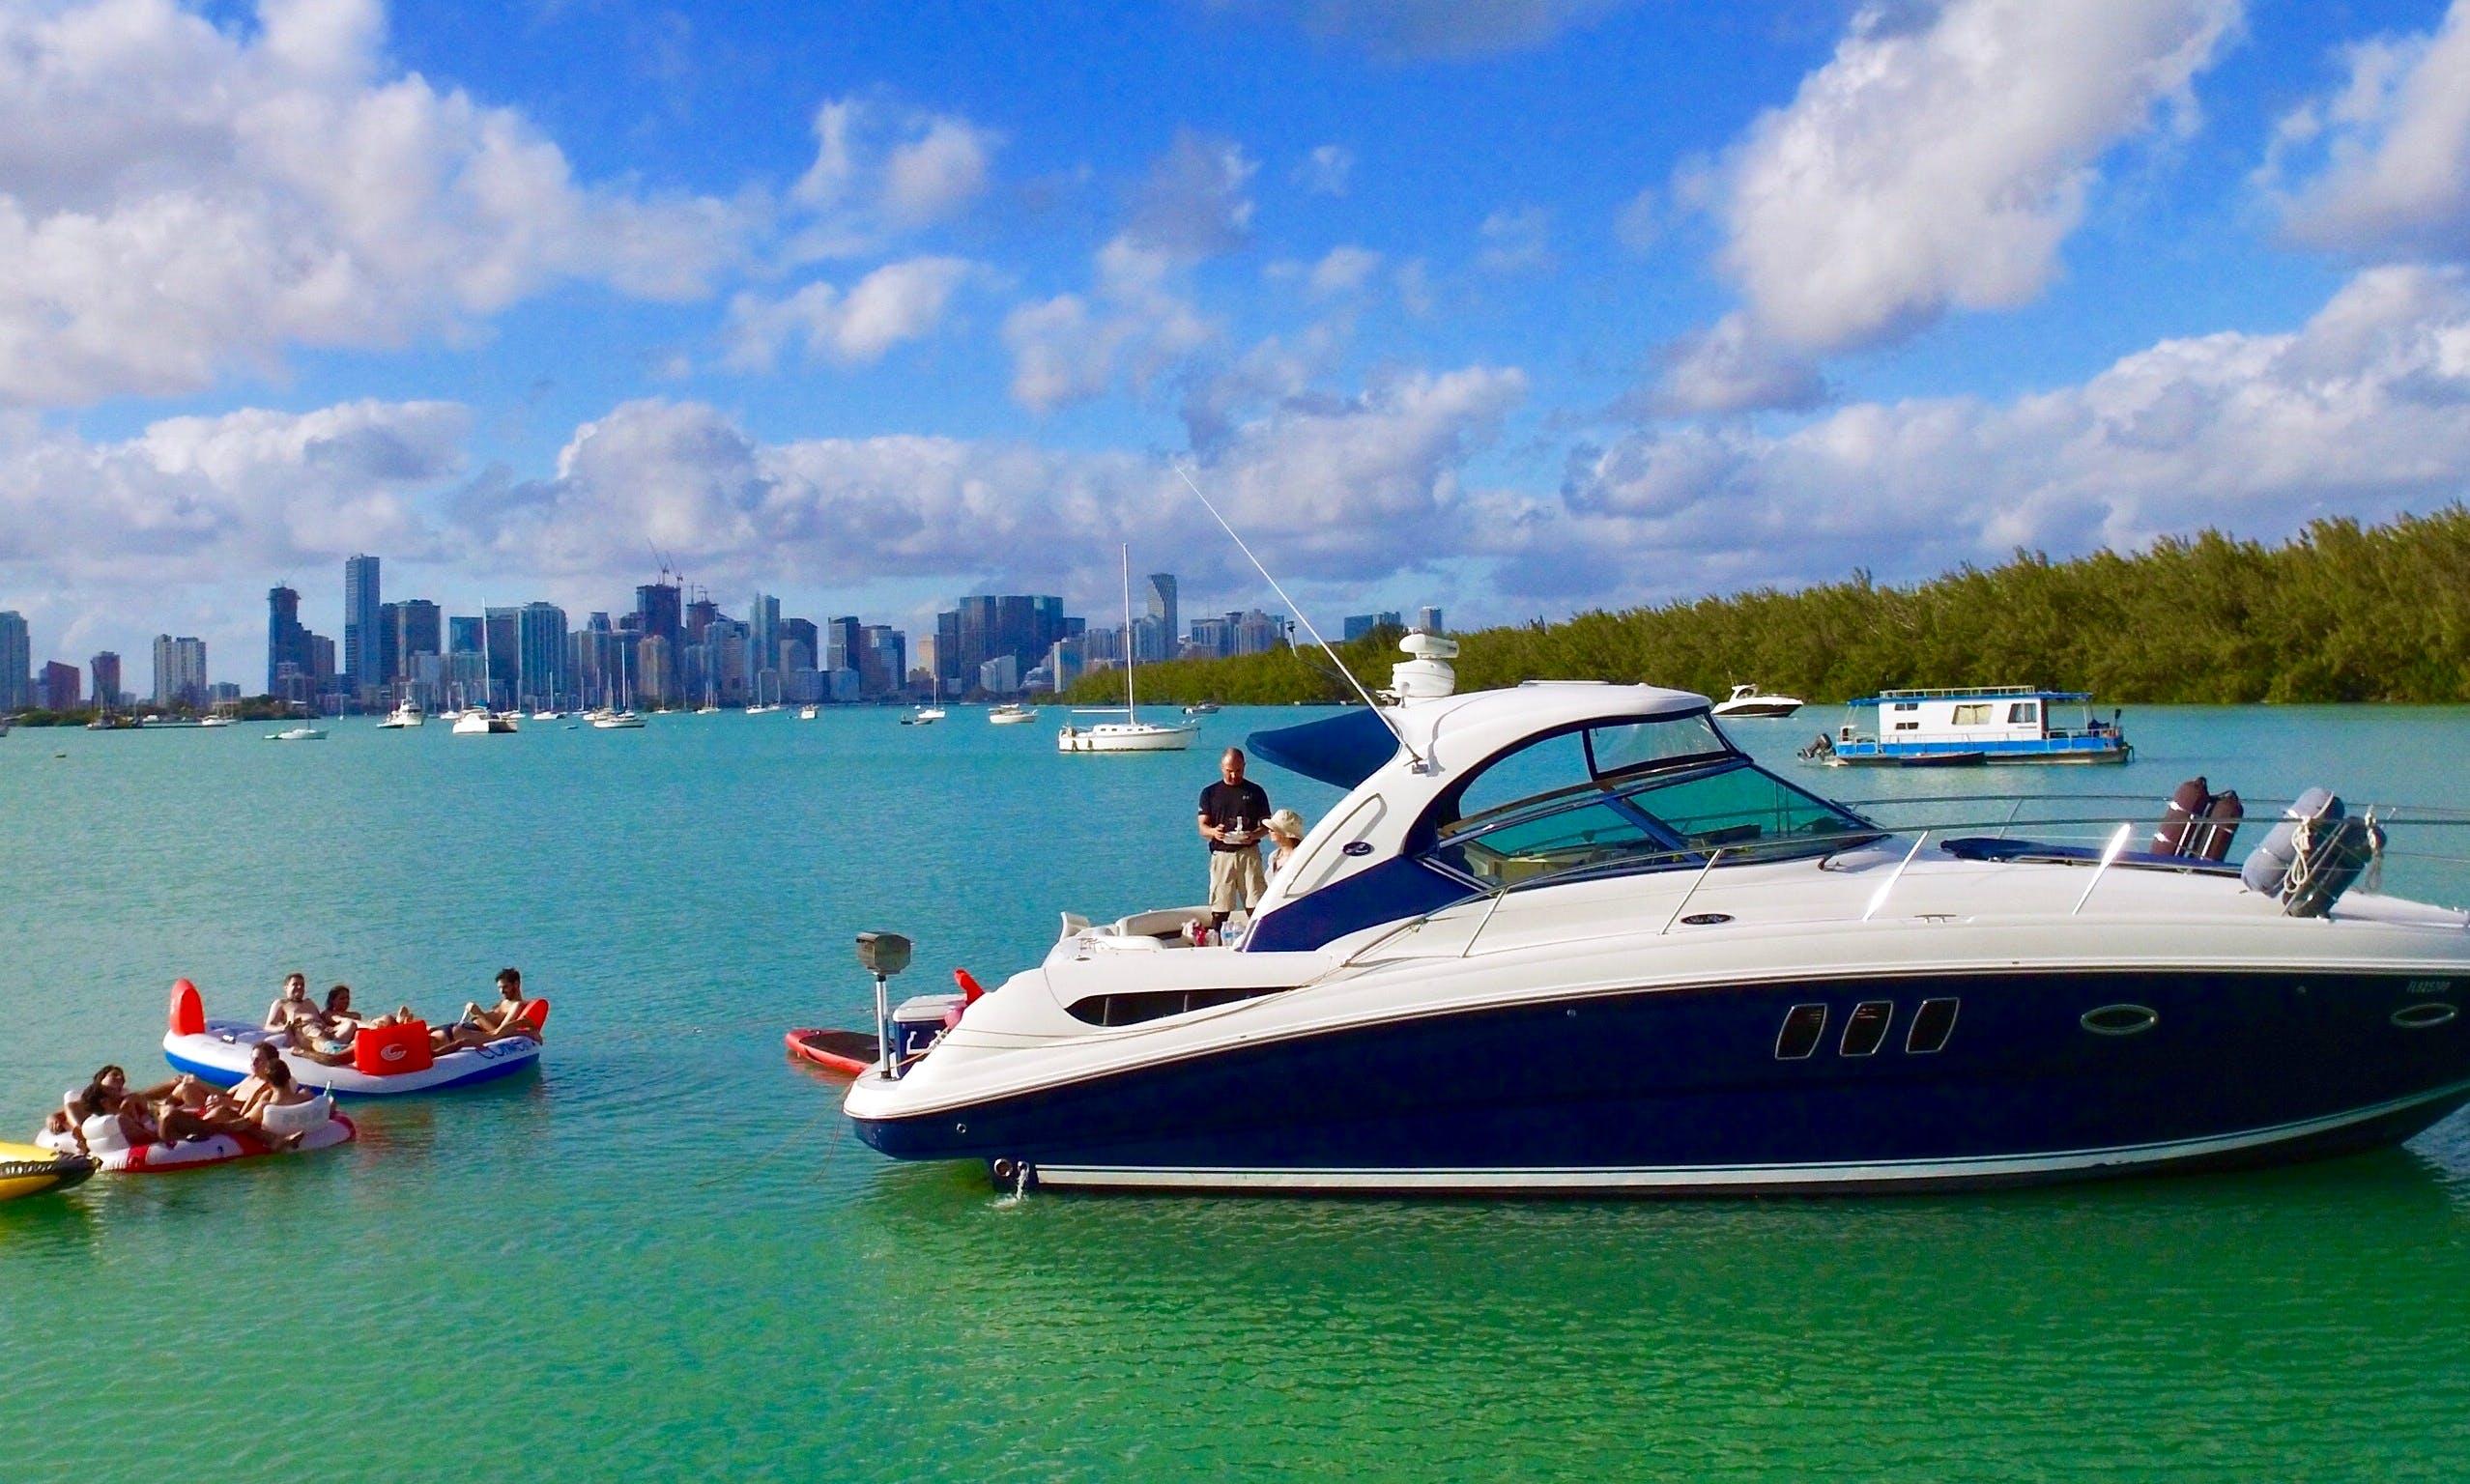 Luxury Yacht Charters - 38' SEA RAY - Miami, Florida Keys & Bahamas!